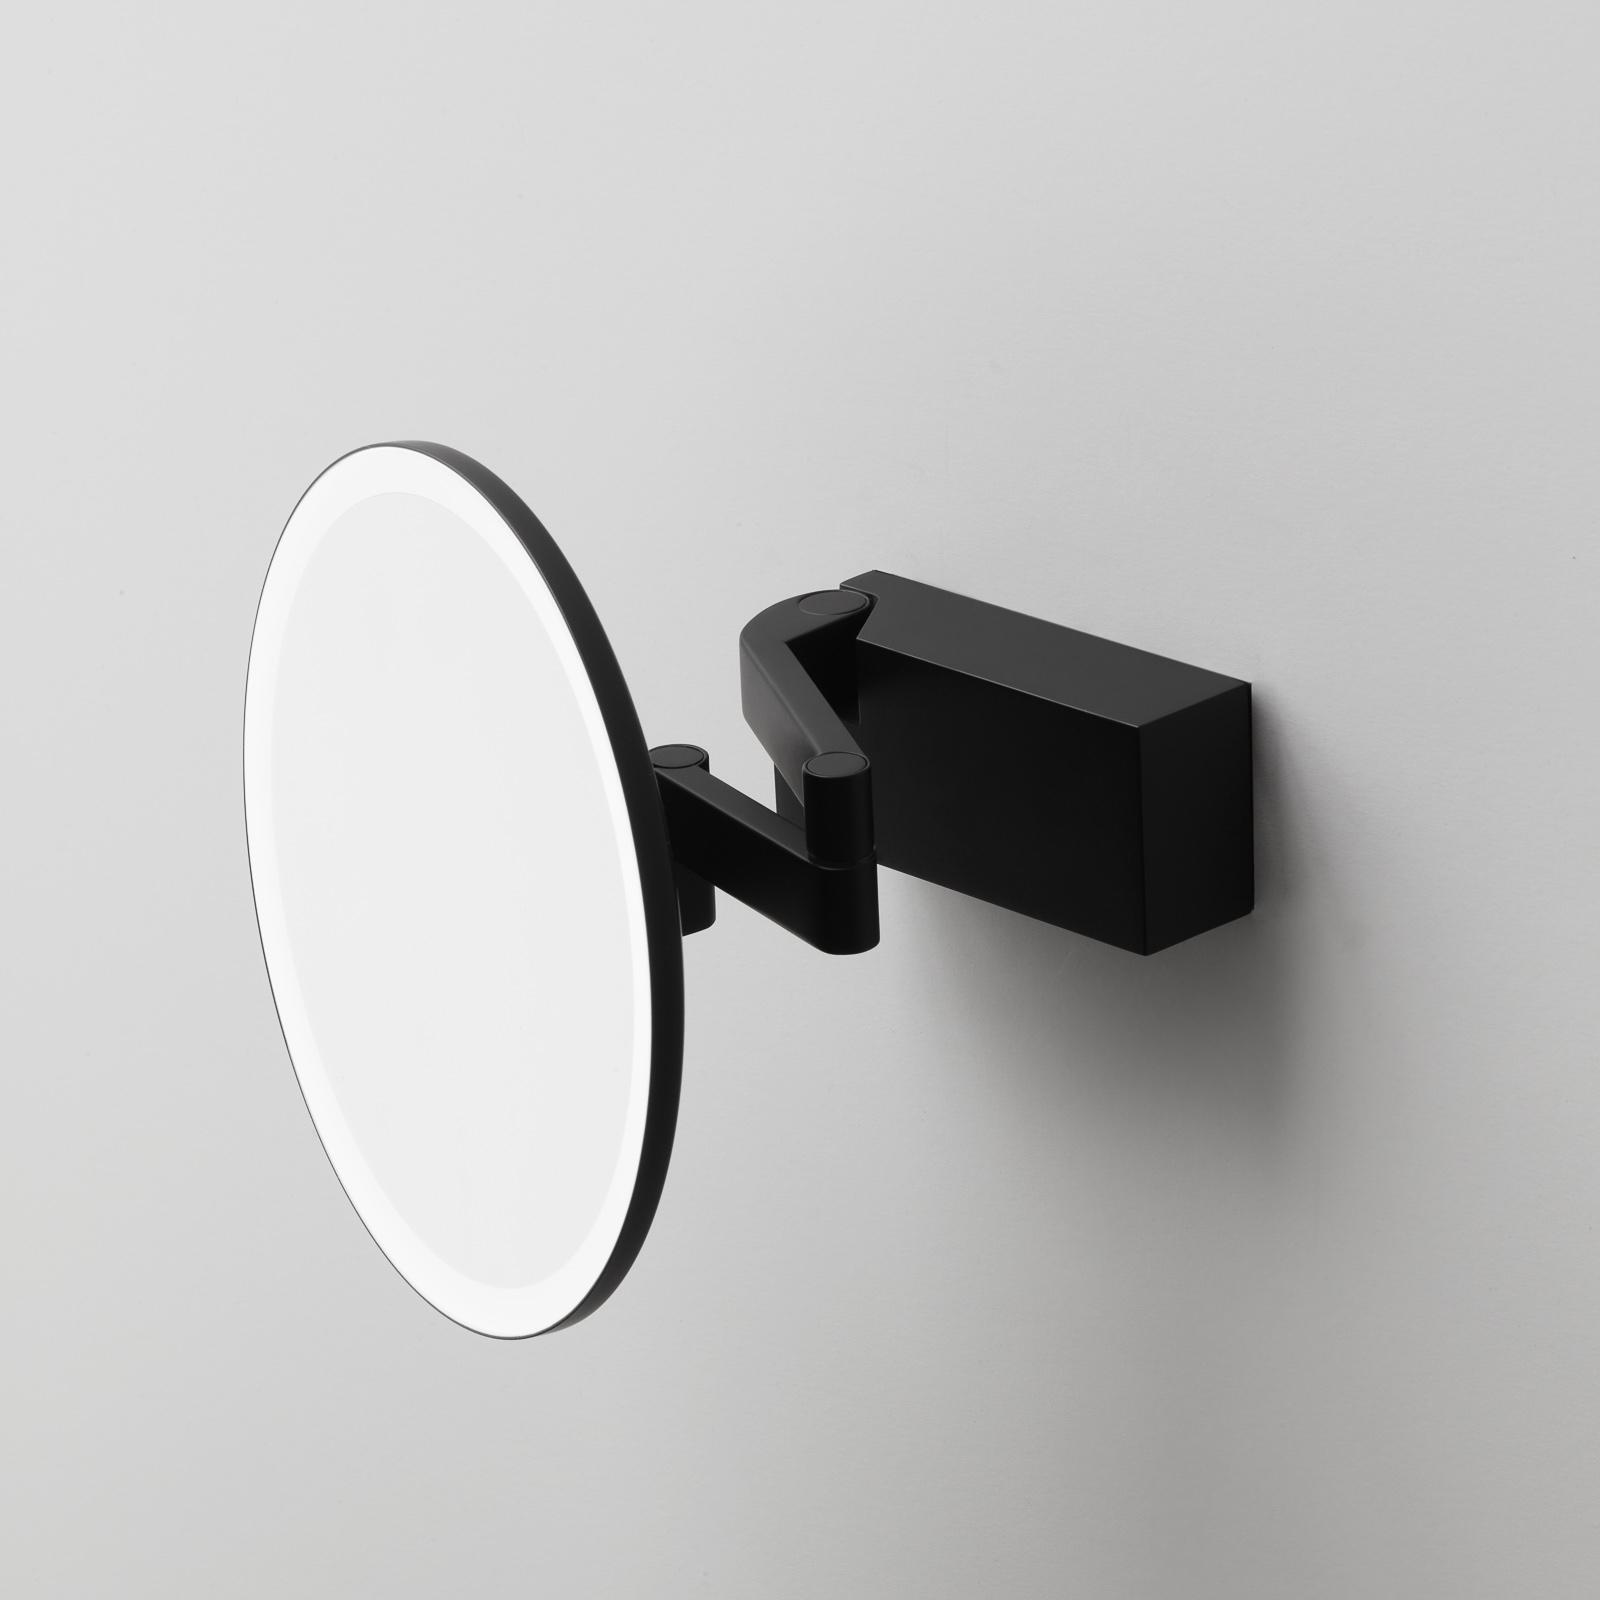 Decor Walther Vision R LED-kosmetikspejl, sort